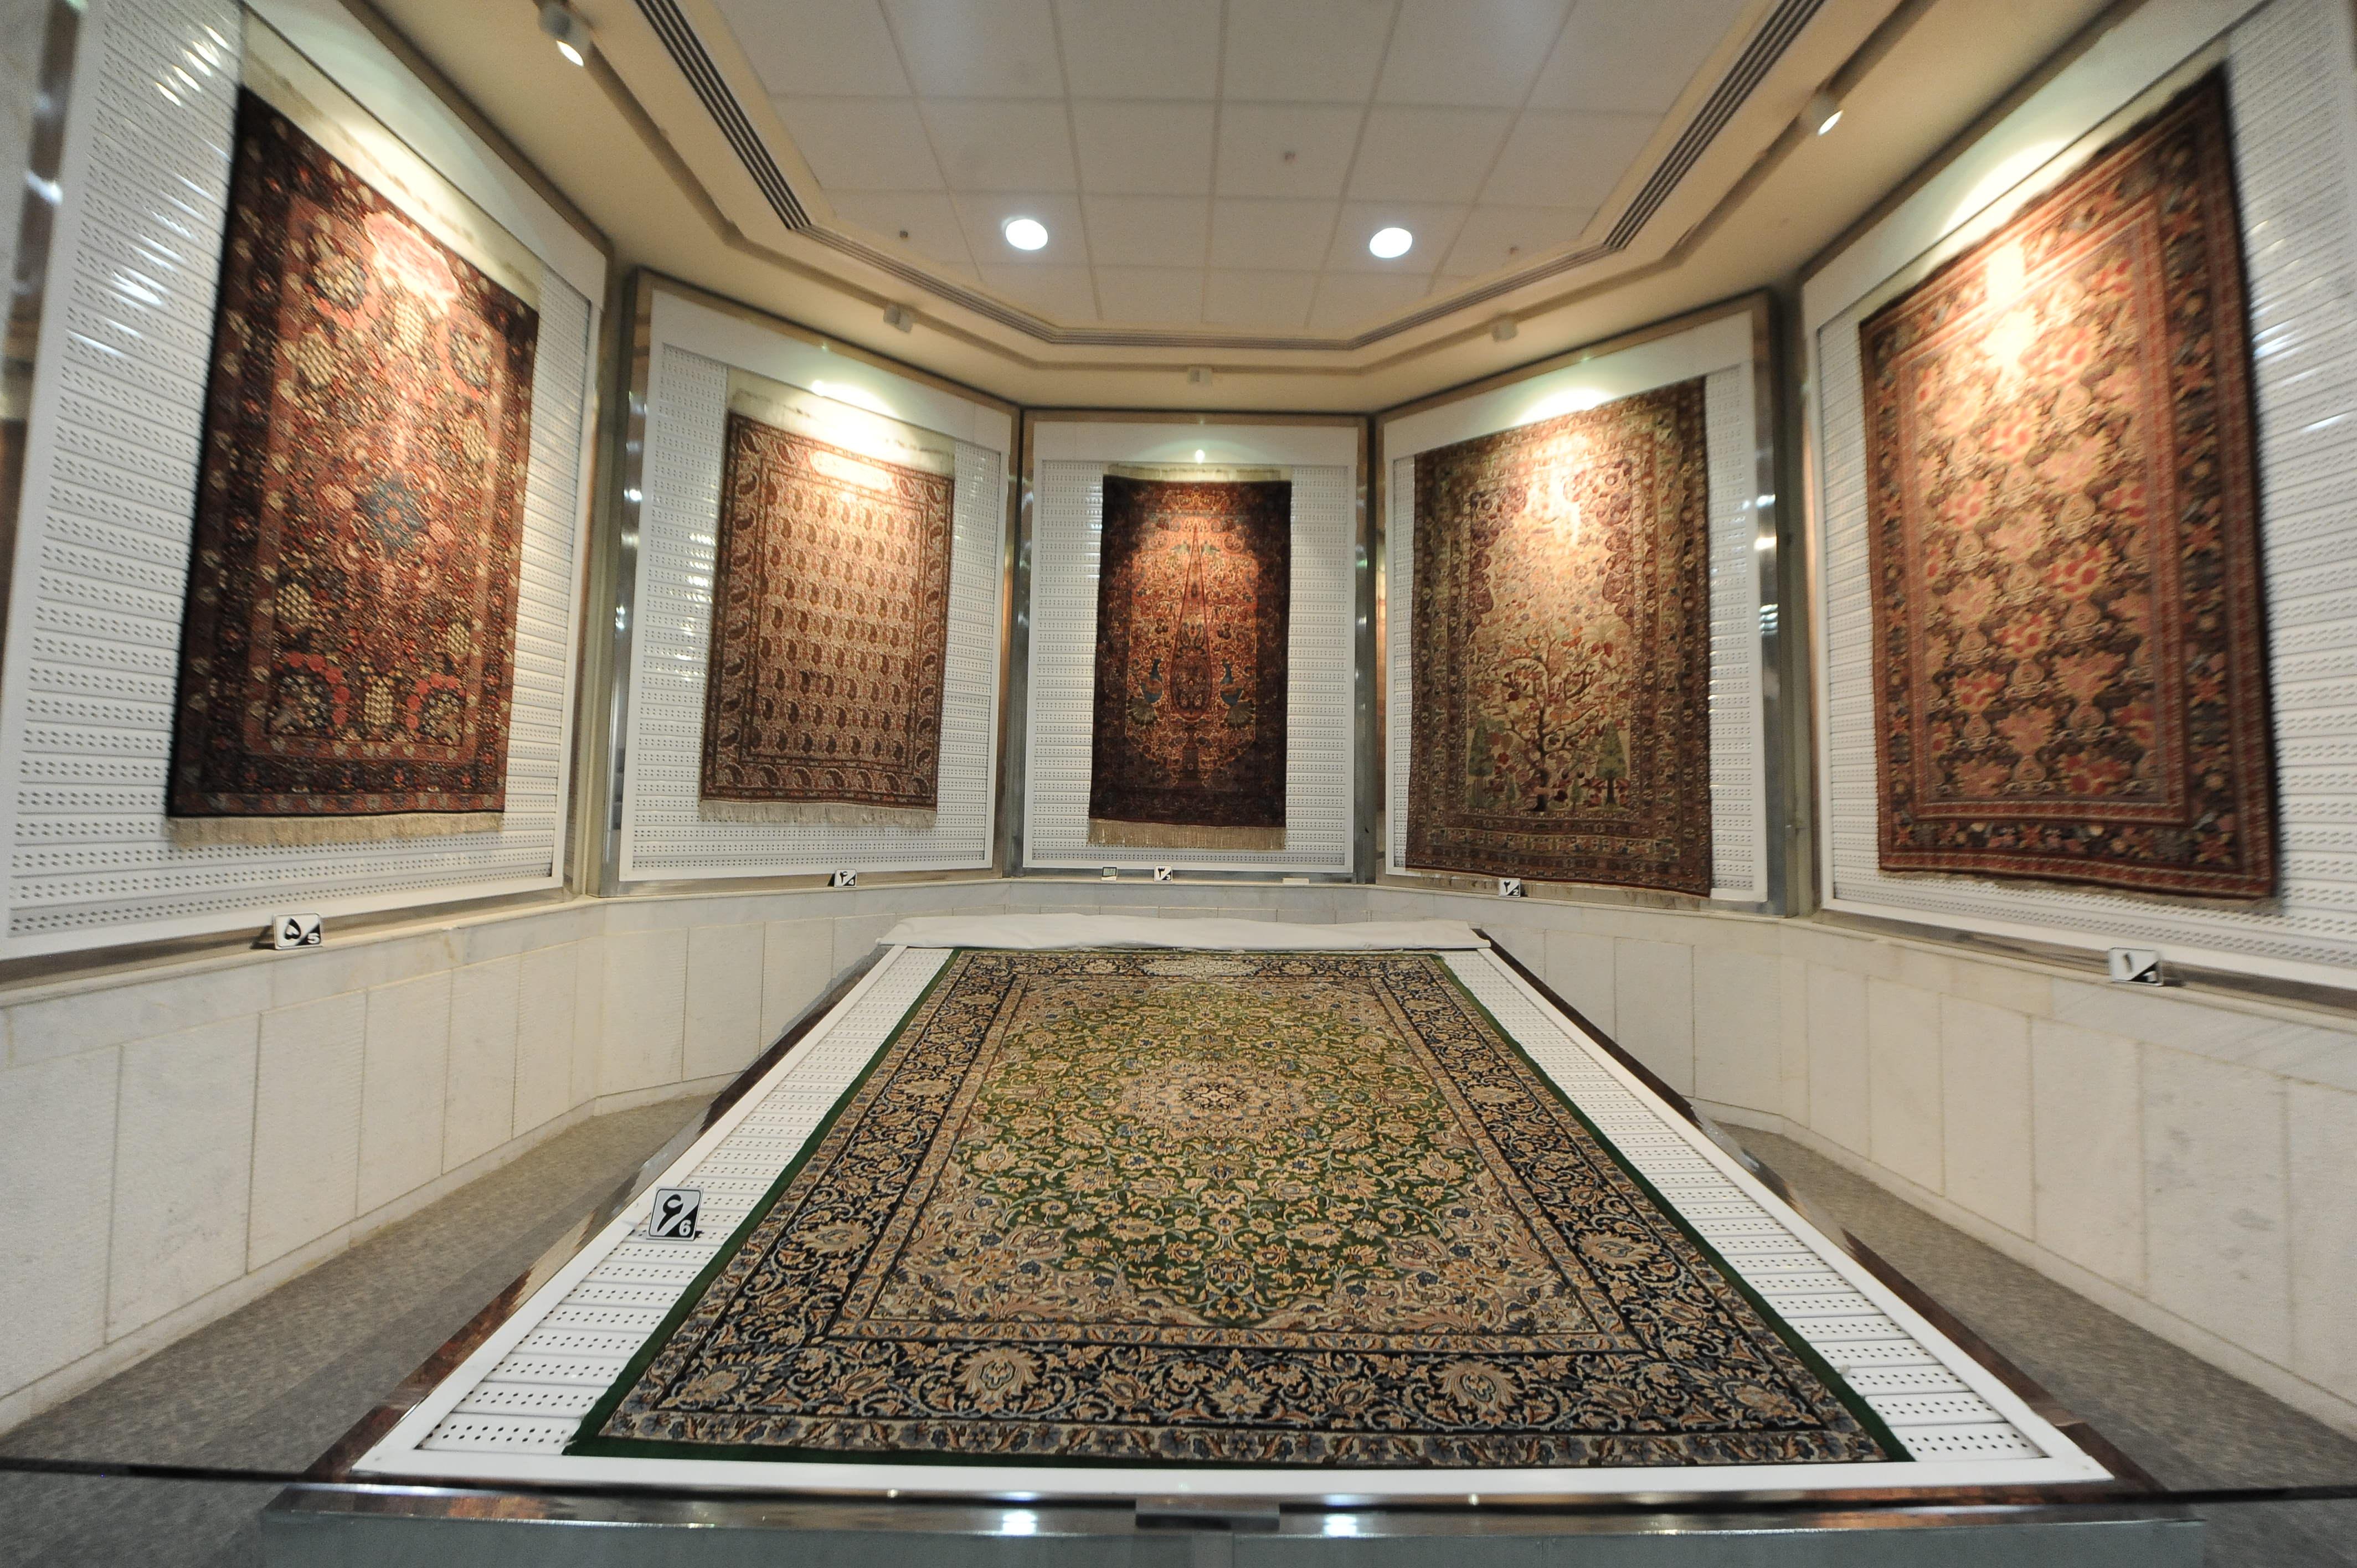 در موزههای آستان قدس جذابیتی وجود دارد که در دیگر موزهها نیست